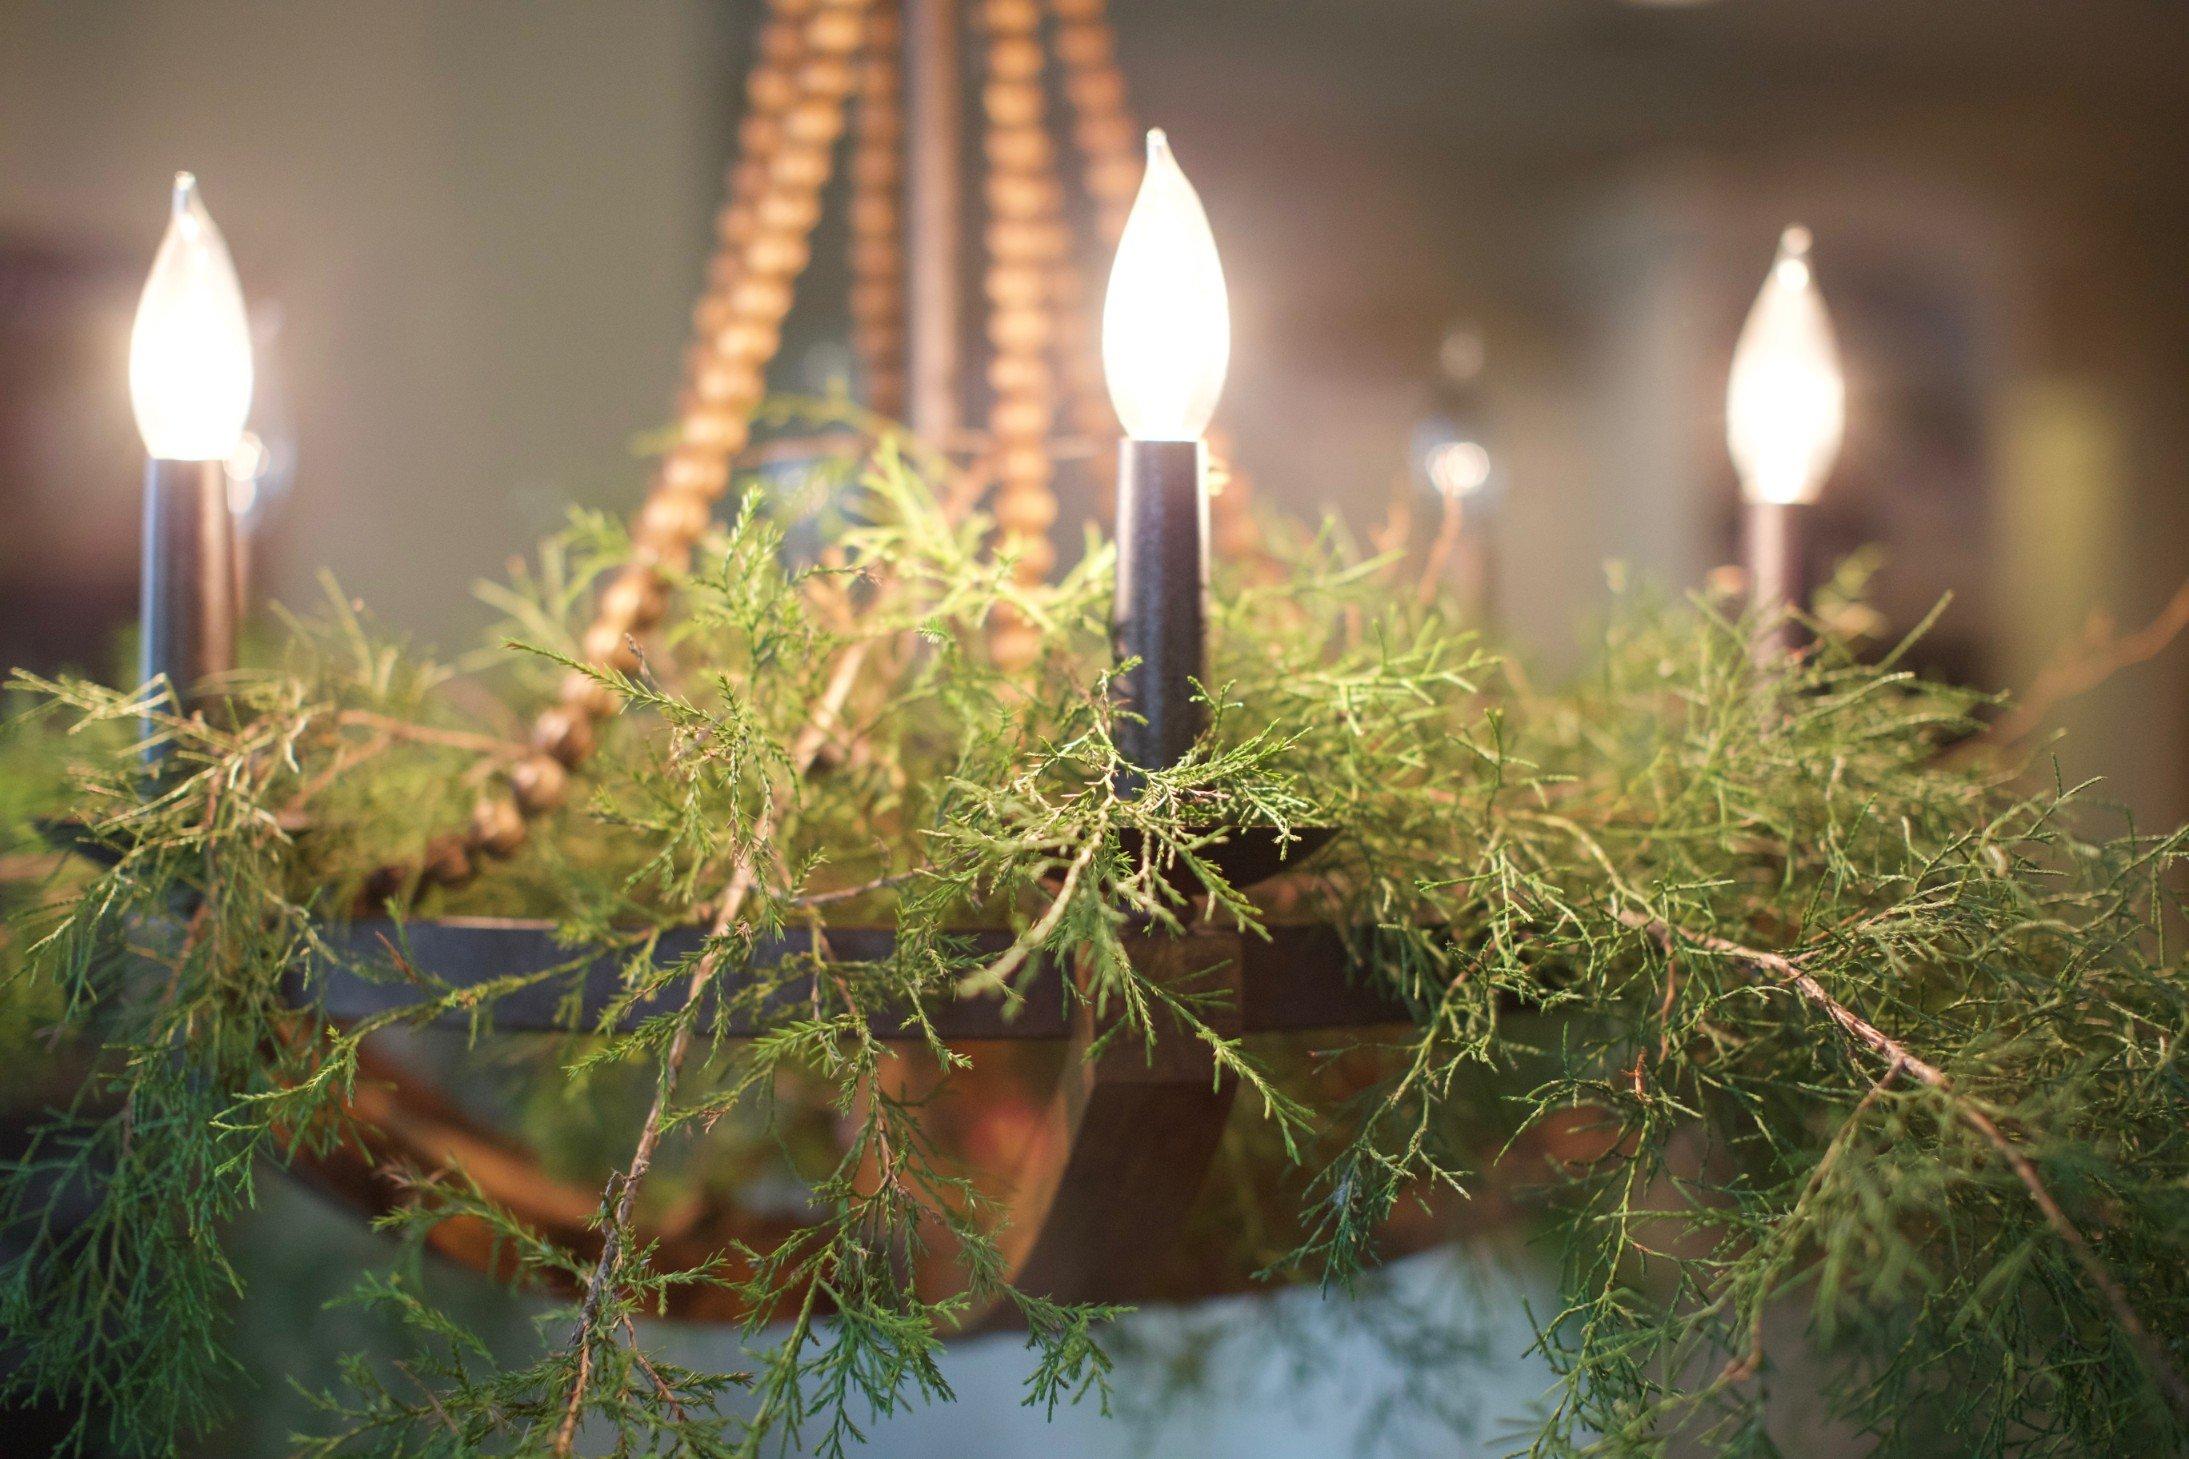 Simple_Farmhouse_Holiday_Decor_11.jpg